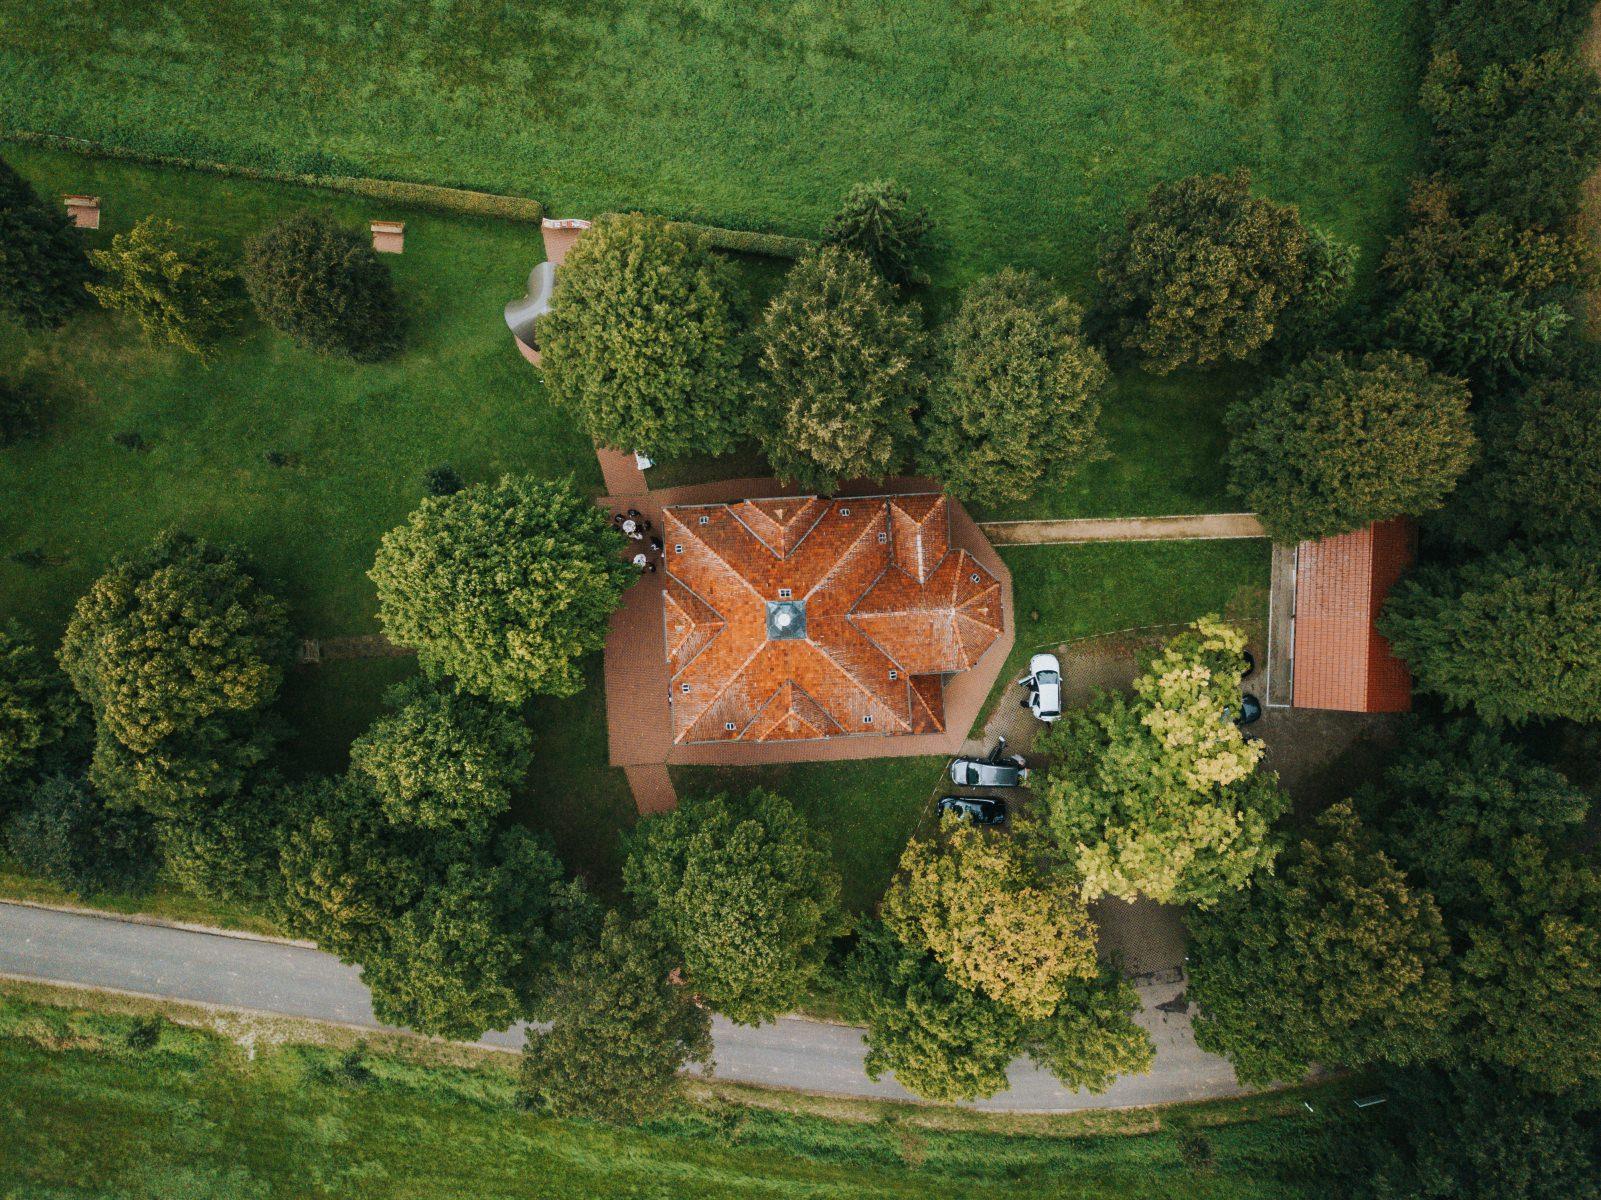 Luftbilder von Oben